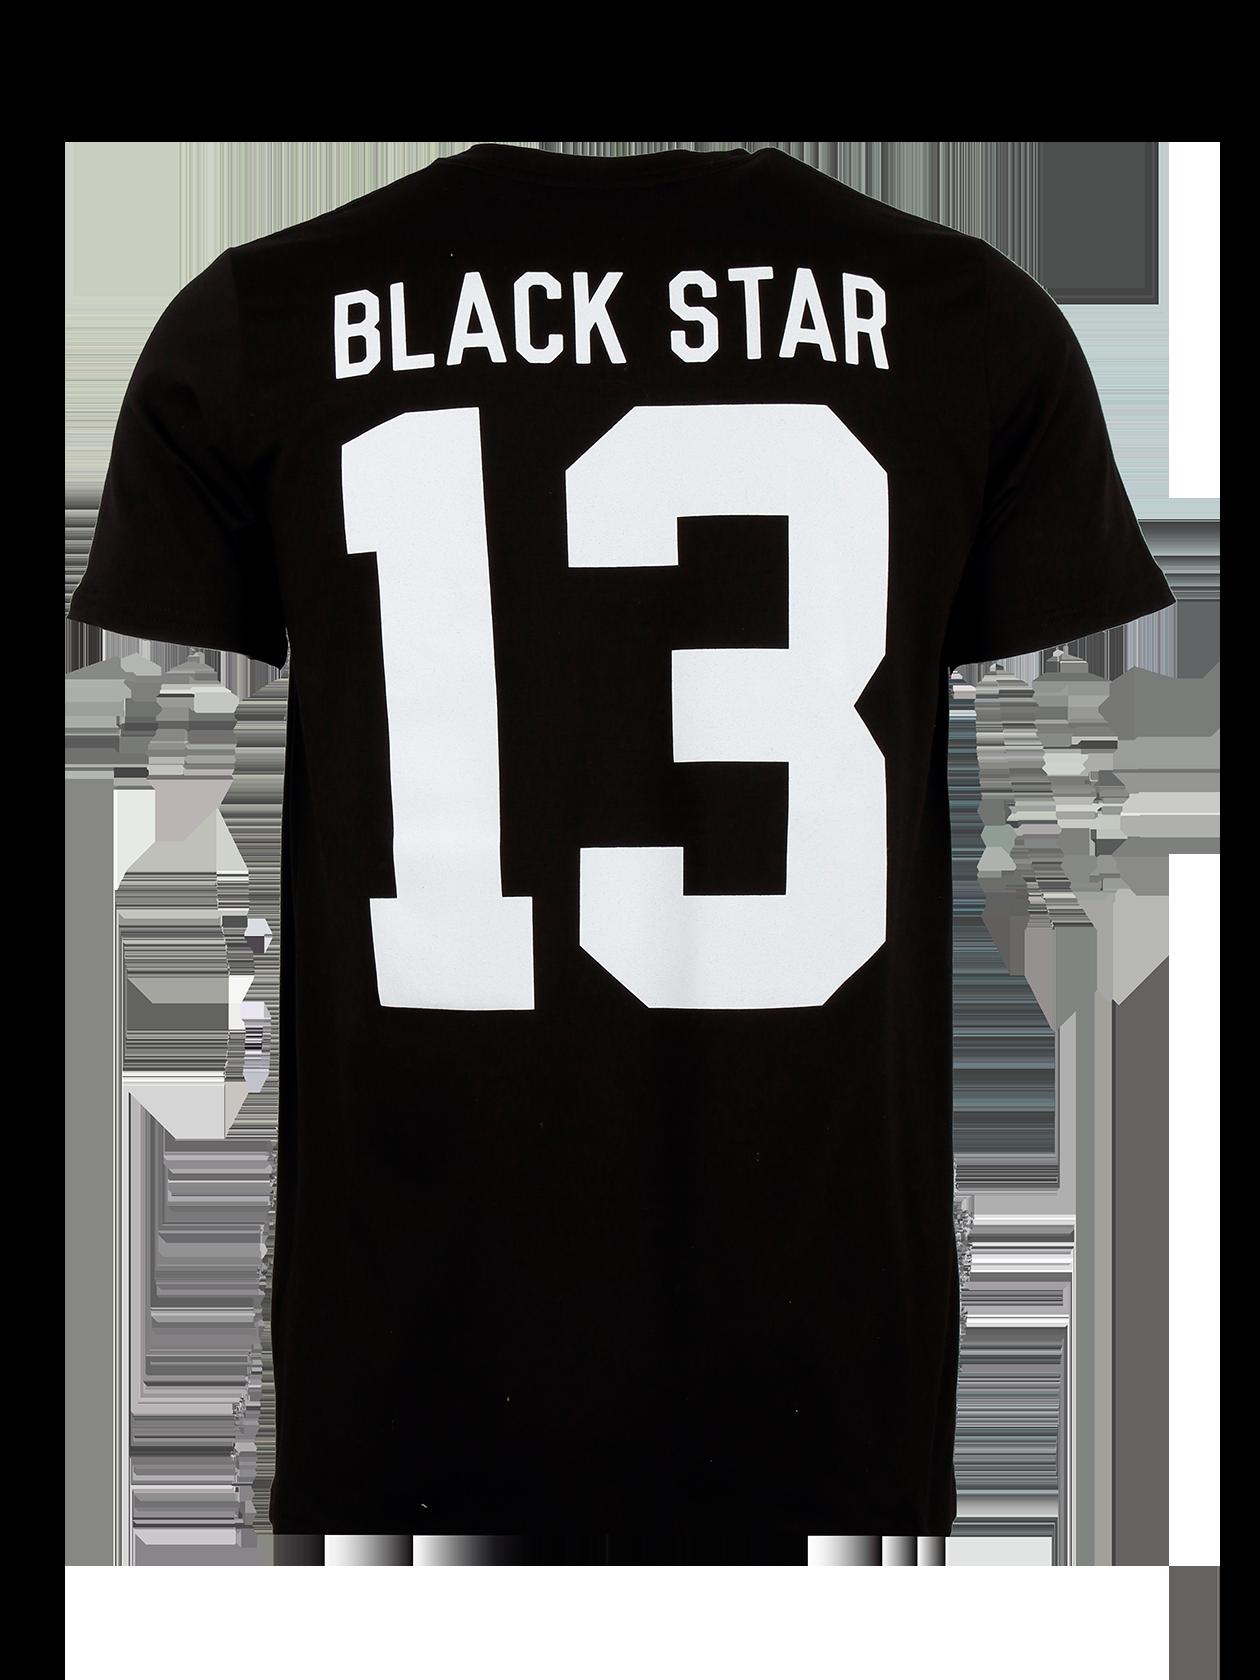 Футболка мужская BLACK STAR 13Футболка мужская Black Star 13 из новой линии одежды Basic – базовая вещь для тех, кто стремится к стилю и комфорту каждый день. Модель простого удобного кроя с удлиненным полусвободным силуэтом и коротким рукавом. Изготовлена из высококачественного хлопка. Представлена в белой и черной расцветках. На спине заметная фирменная надпись Black Star 13 в контрастном цвете. Стильный лейбл дополняет внутреннюю сторону горловины. Цена на изделие стала на 25% привлекательнее.<br><br>Размер: XS<br>Цвет: Черный<br>Пол: Унисекс